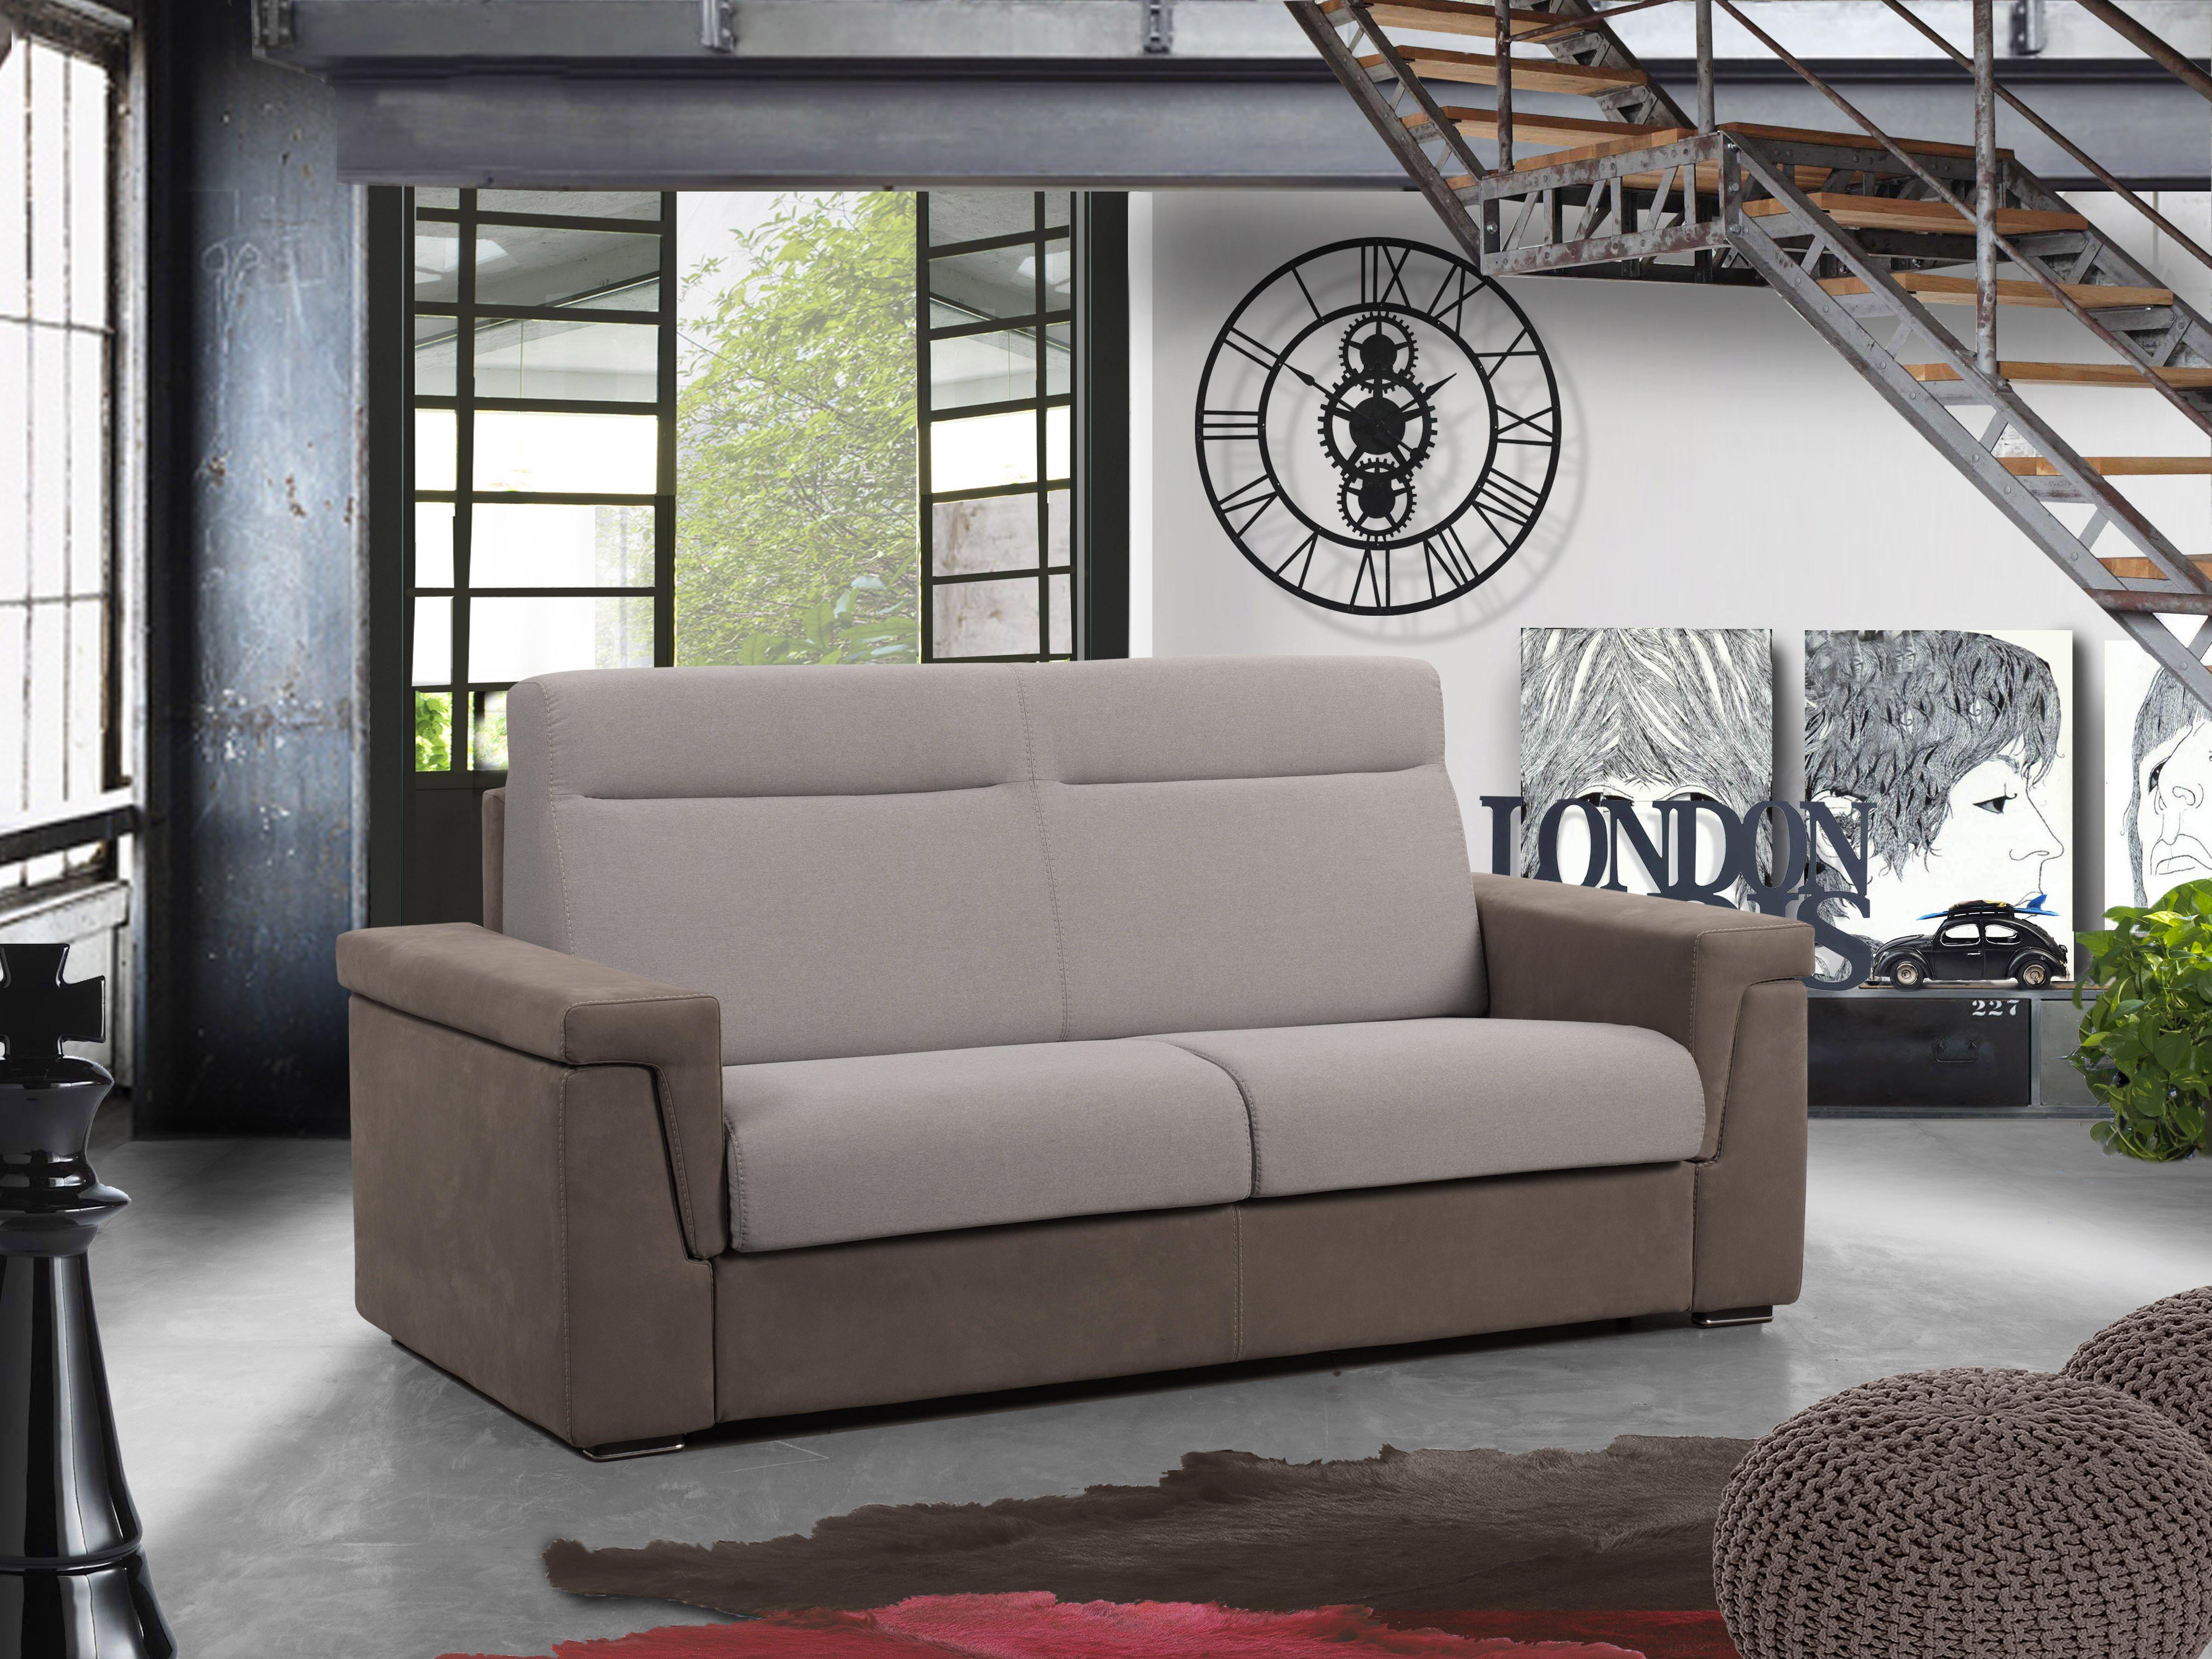 vista angolare di un divano con finestra aperta e scala interna